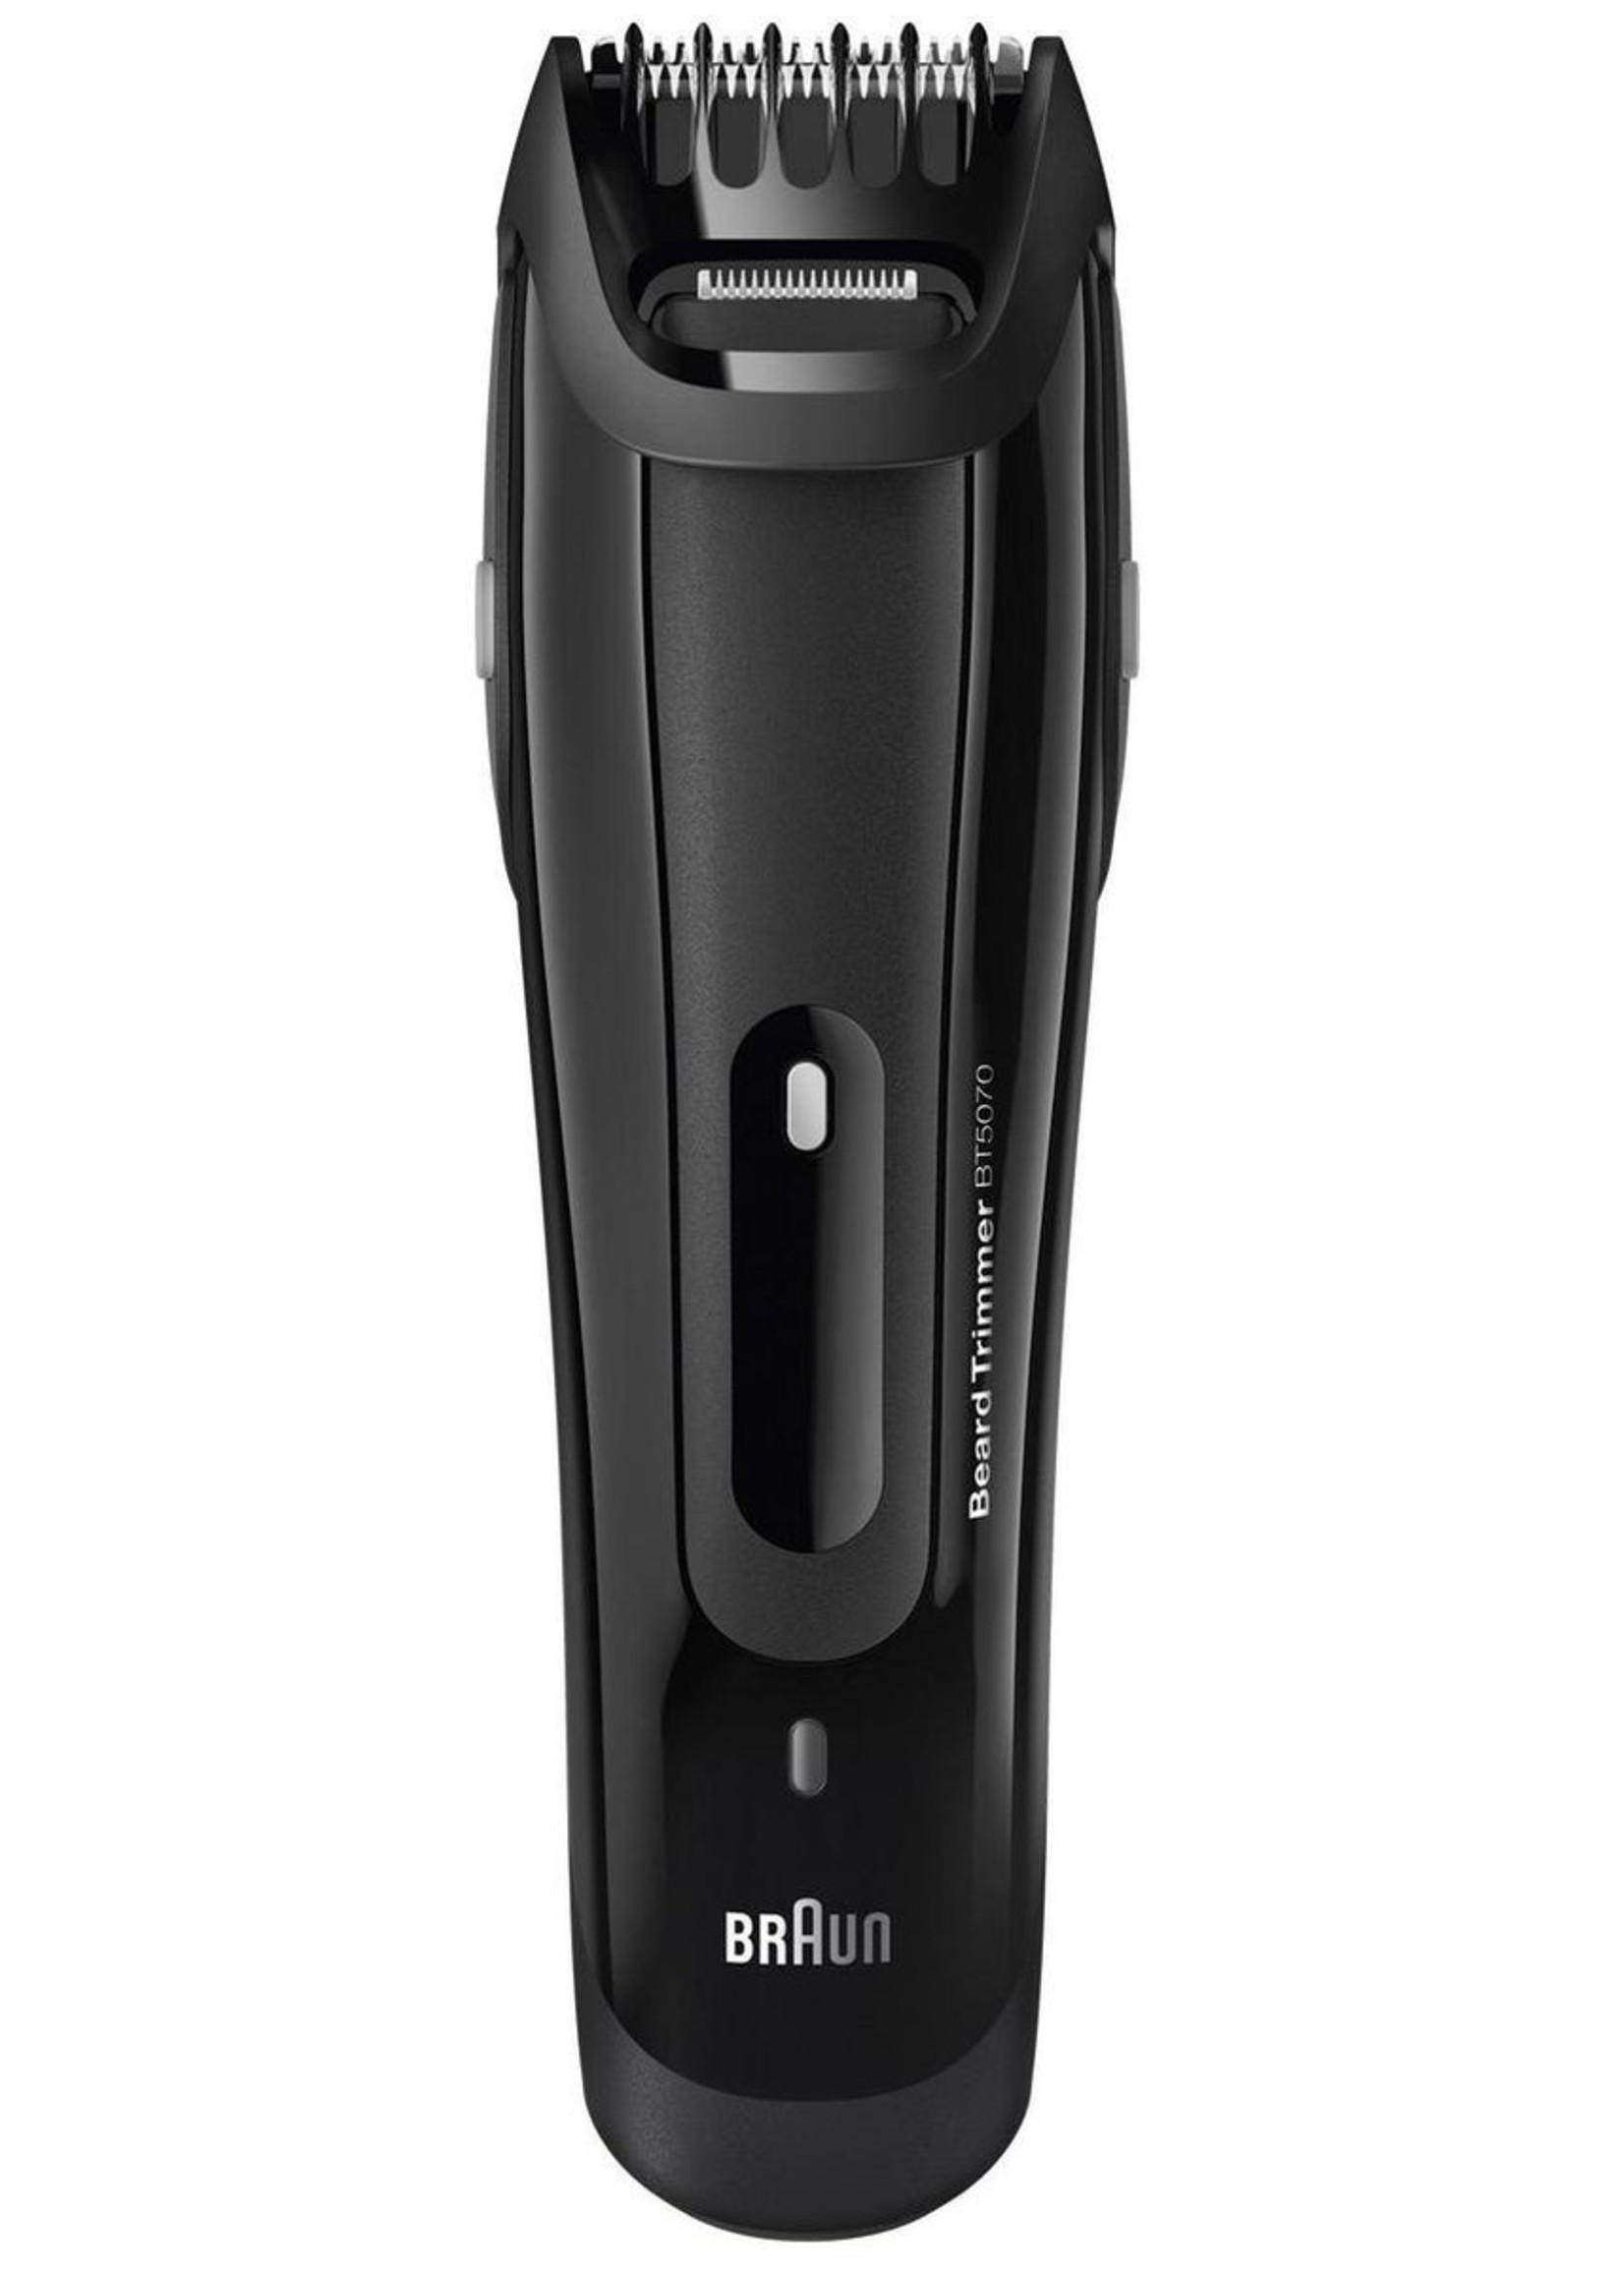 Braun Braun BT5070 Baardtrimmer